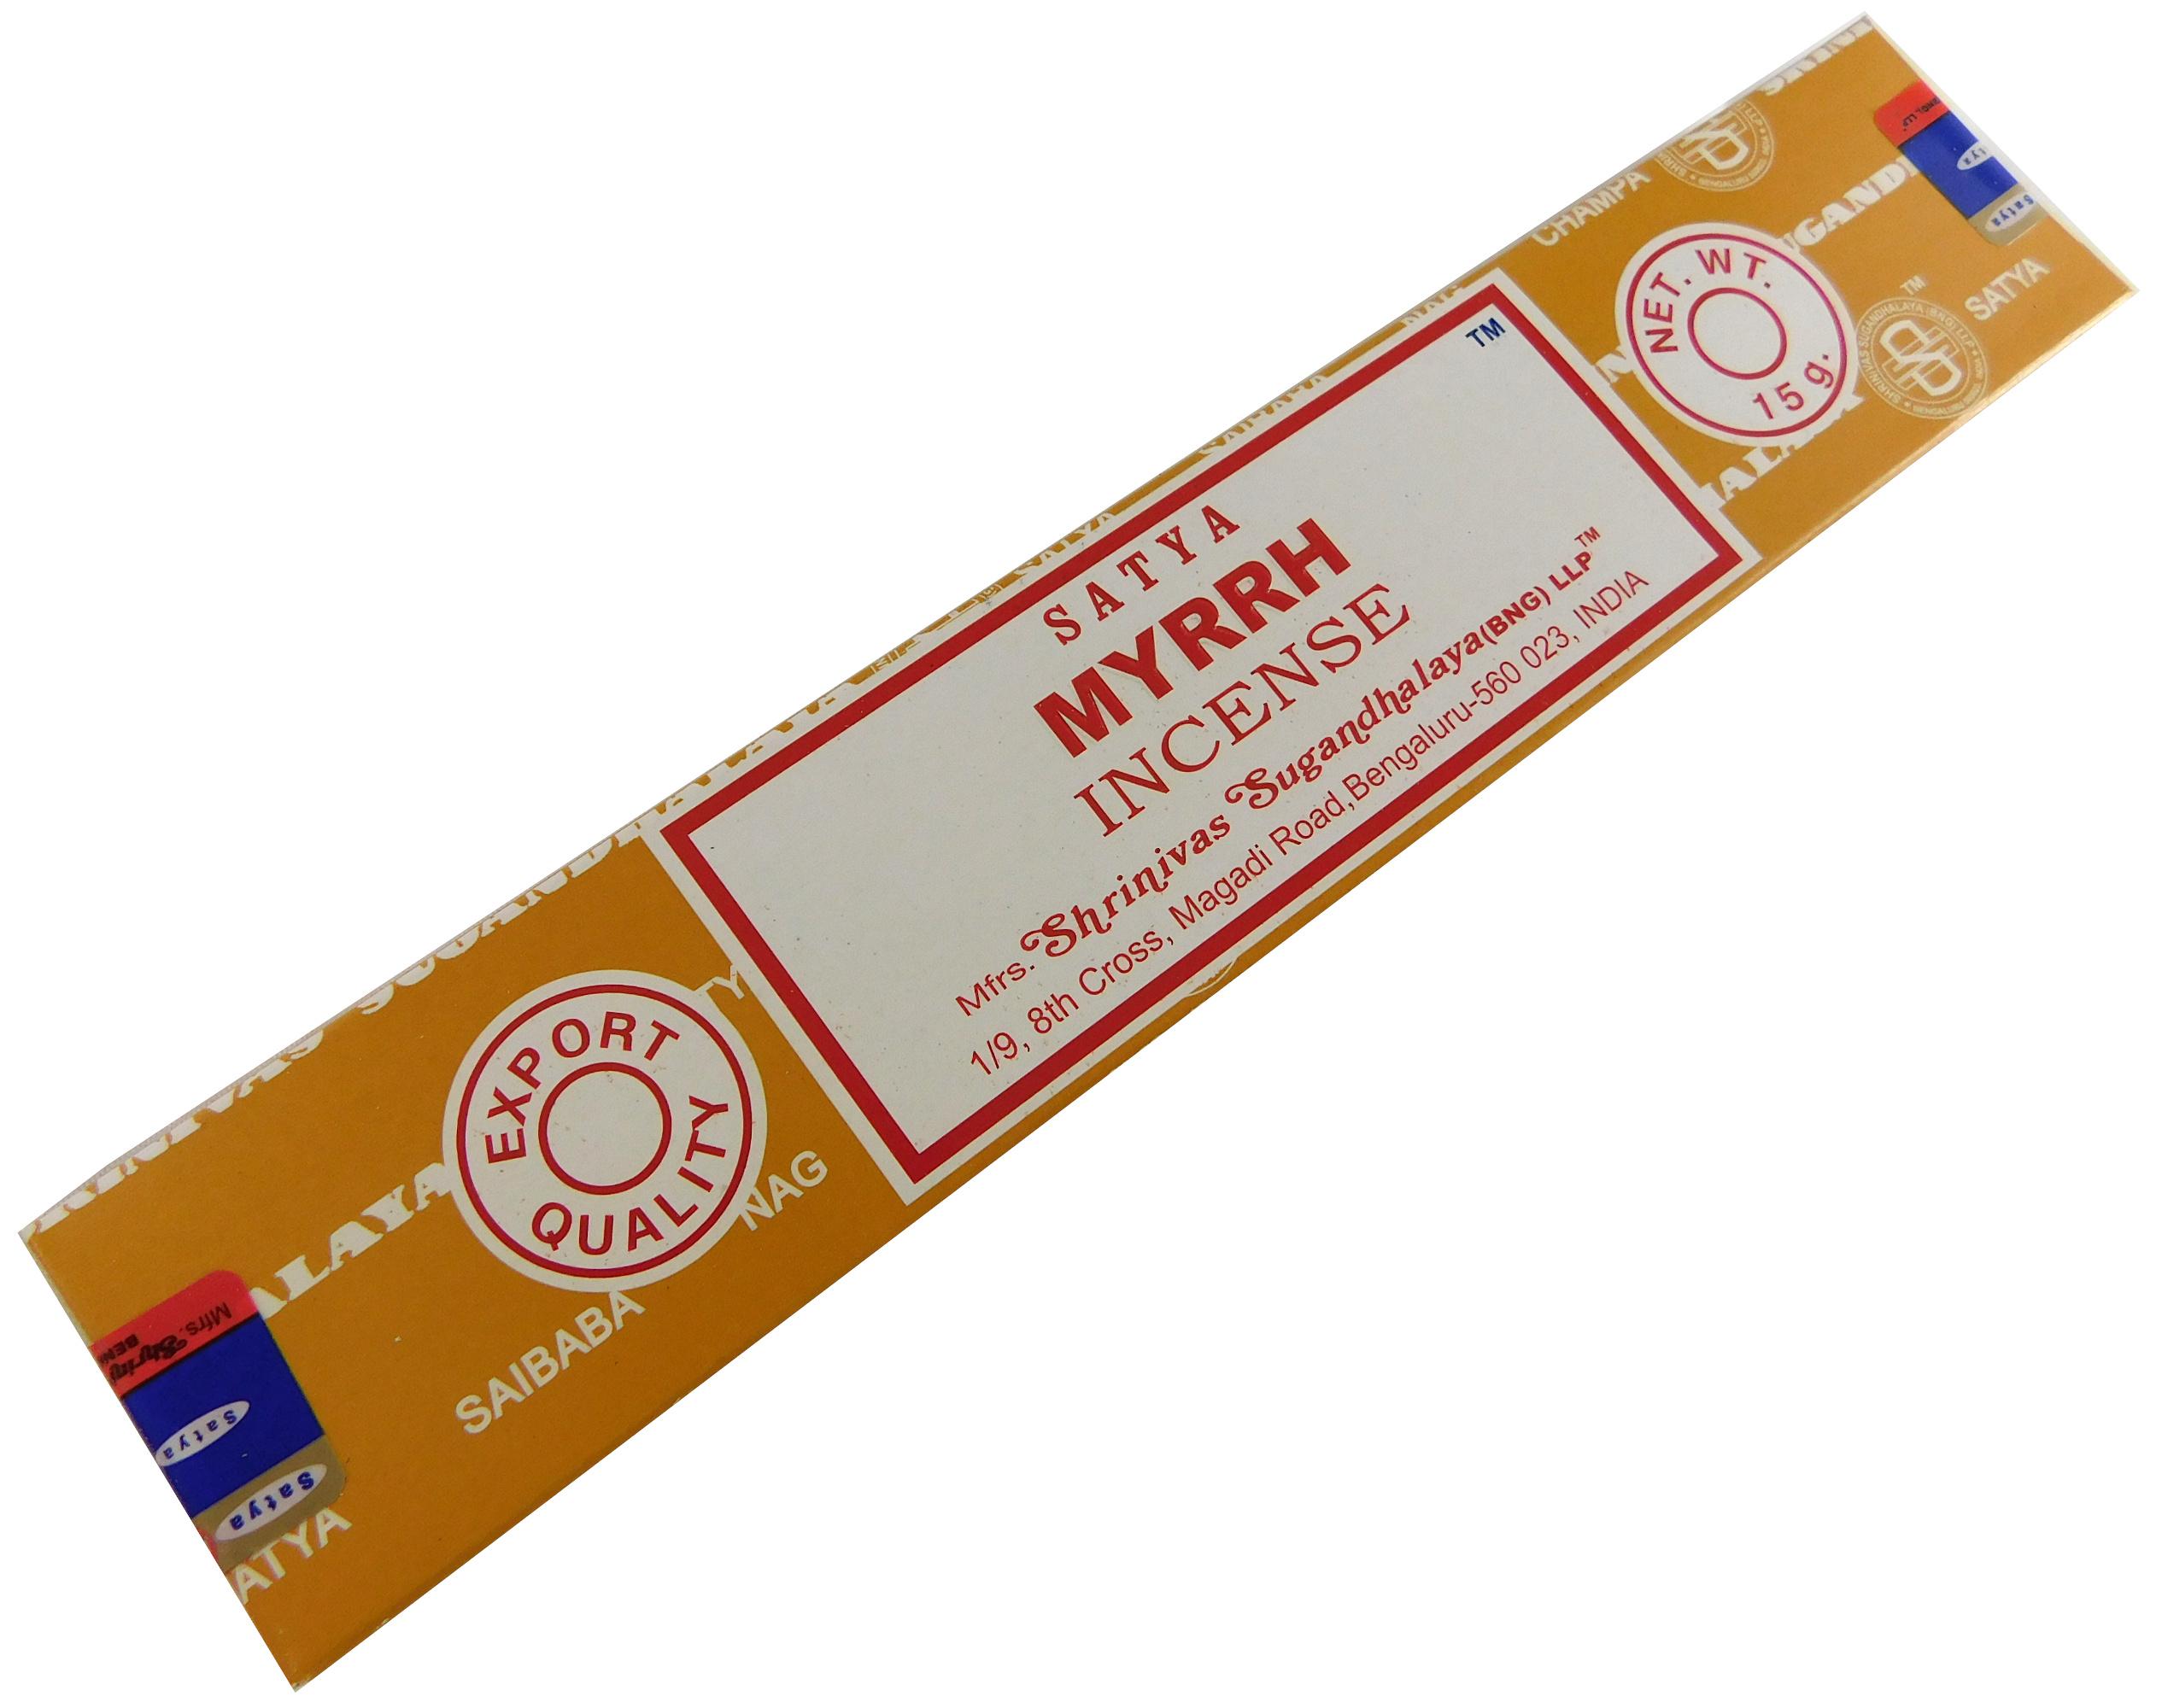 Räucherstäbchen Myrrh von Satya 15g Packung. Ca. 15 Incence Sticks